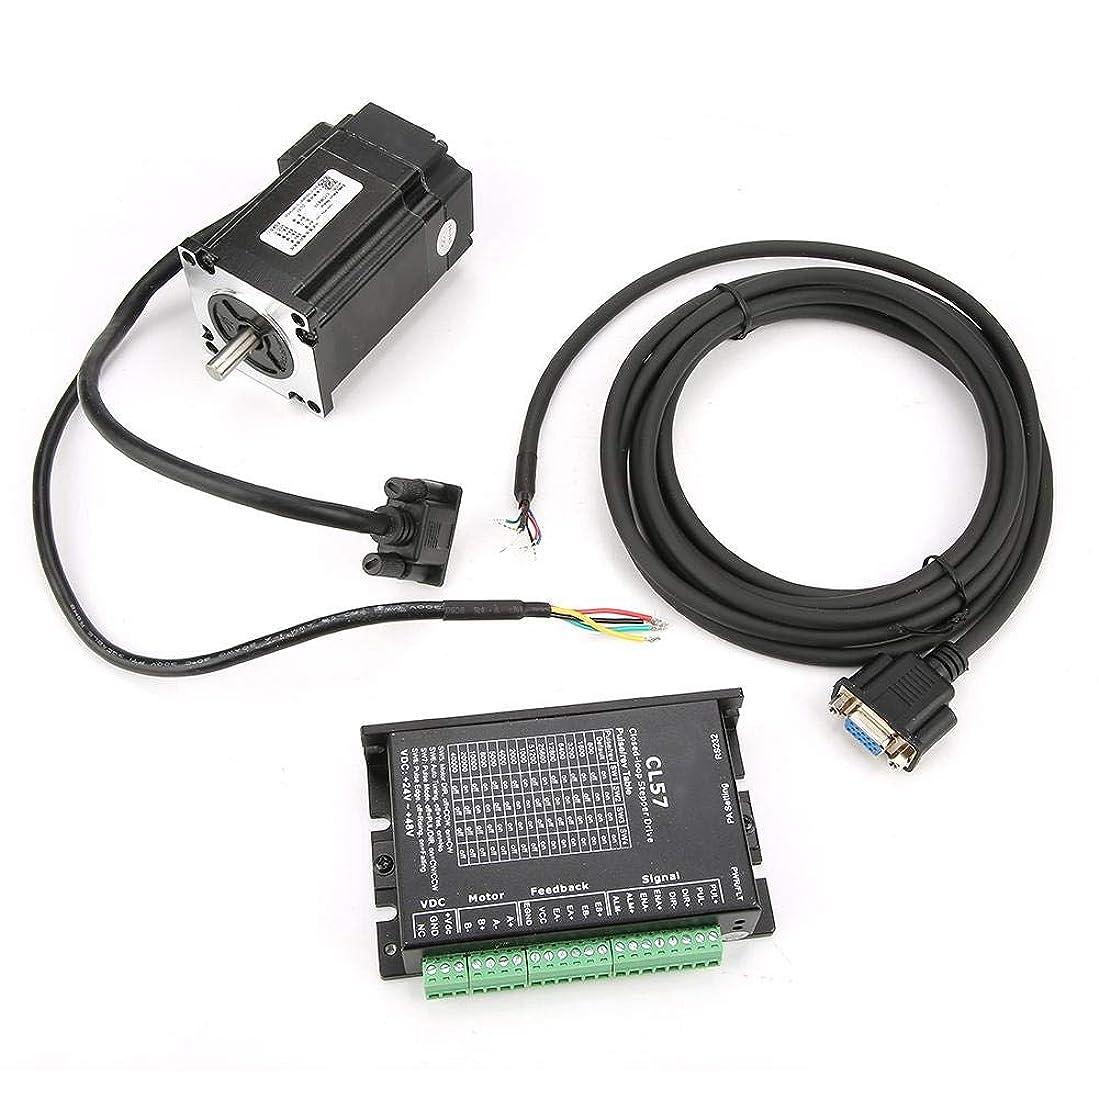 カイウスプレビスサイト爆弾ハイブリッドステッパモータドライバ 2相ステッパモータ2.3Nm + CL57モータドライバセット5-24VDC ステッパーモーター/*モータドライバ/コーディングケーブル